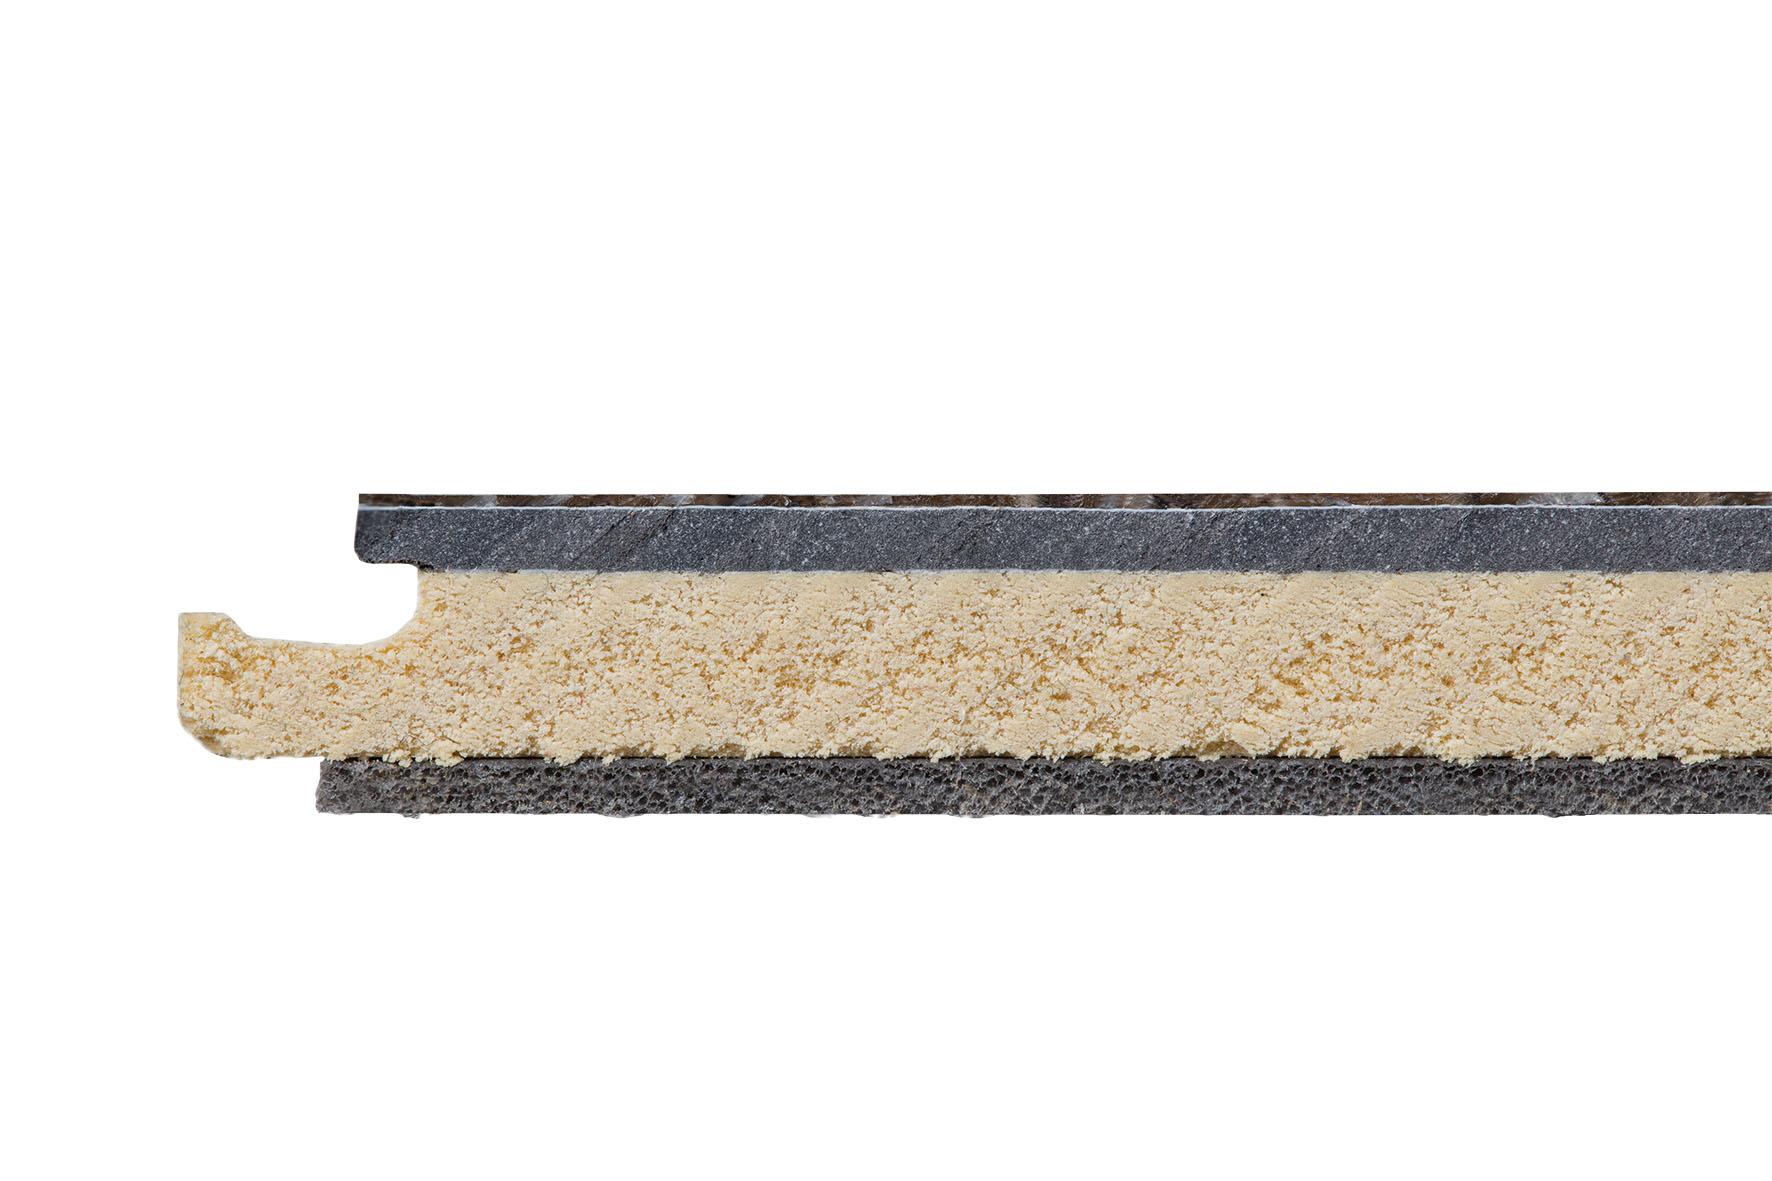 Vinfloors-80-XL-Querschnitt-mehrschichtiger-Vinylboden-auf-Tragerplatte-mit-Trittschalldammung